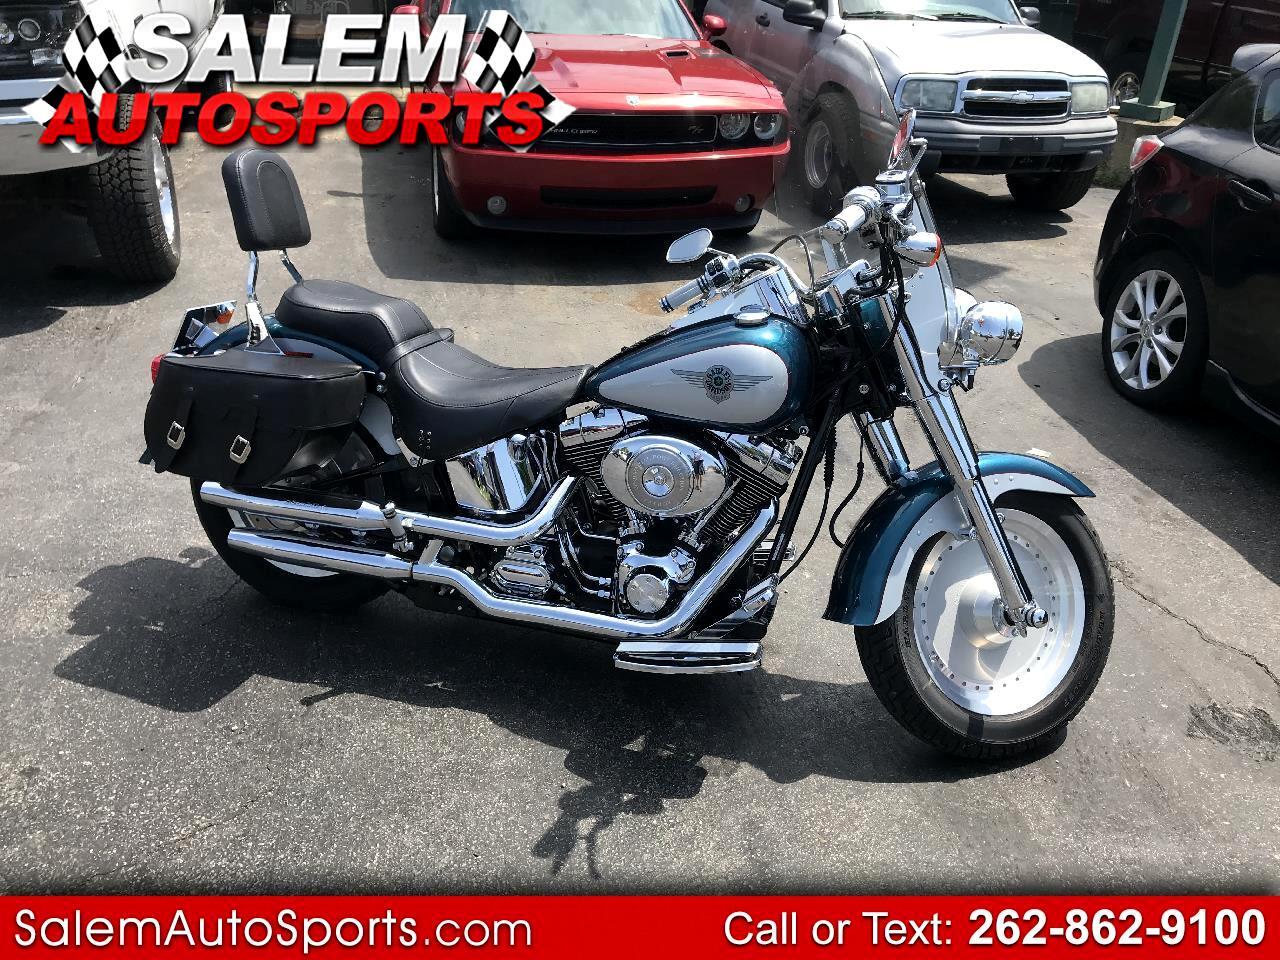 2004 Harley-Davidson FLSTFI Fat Boy